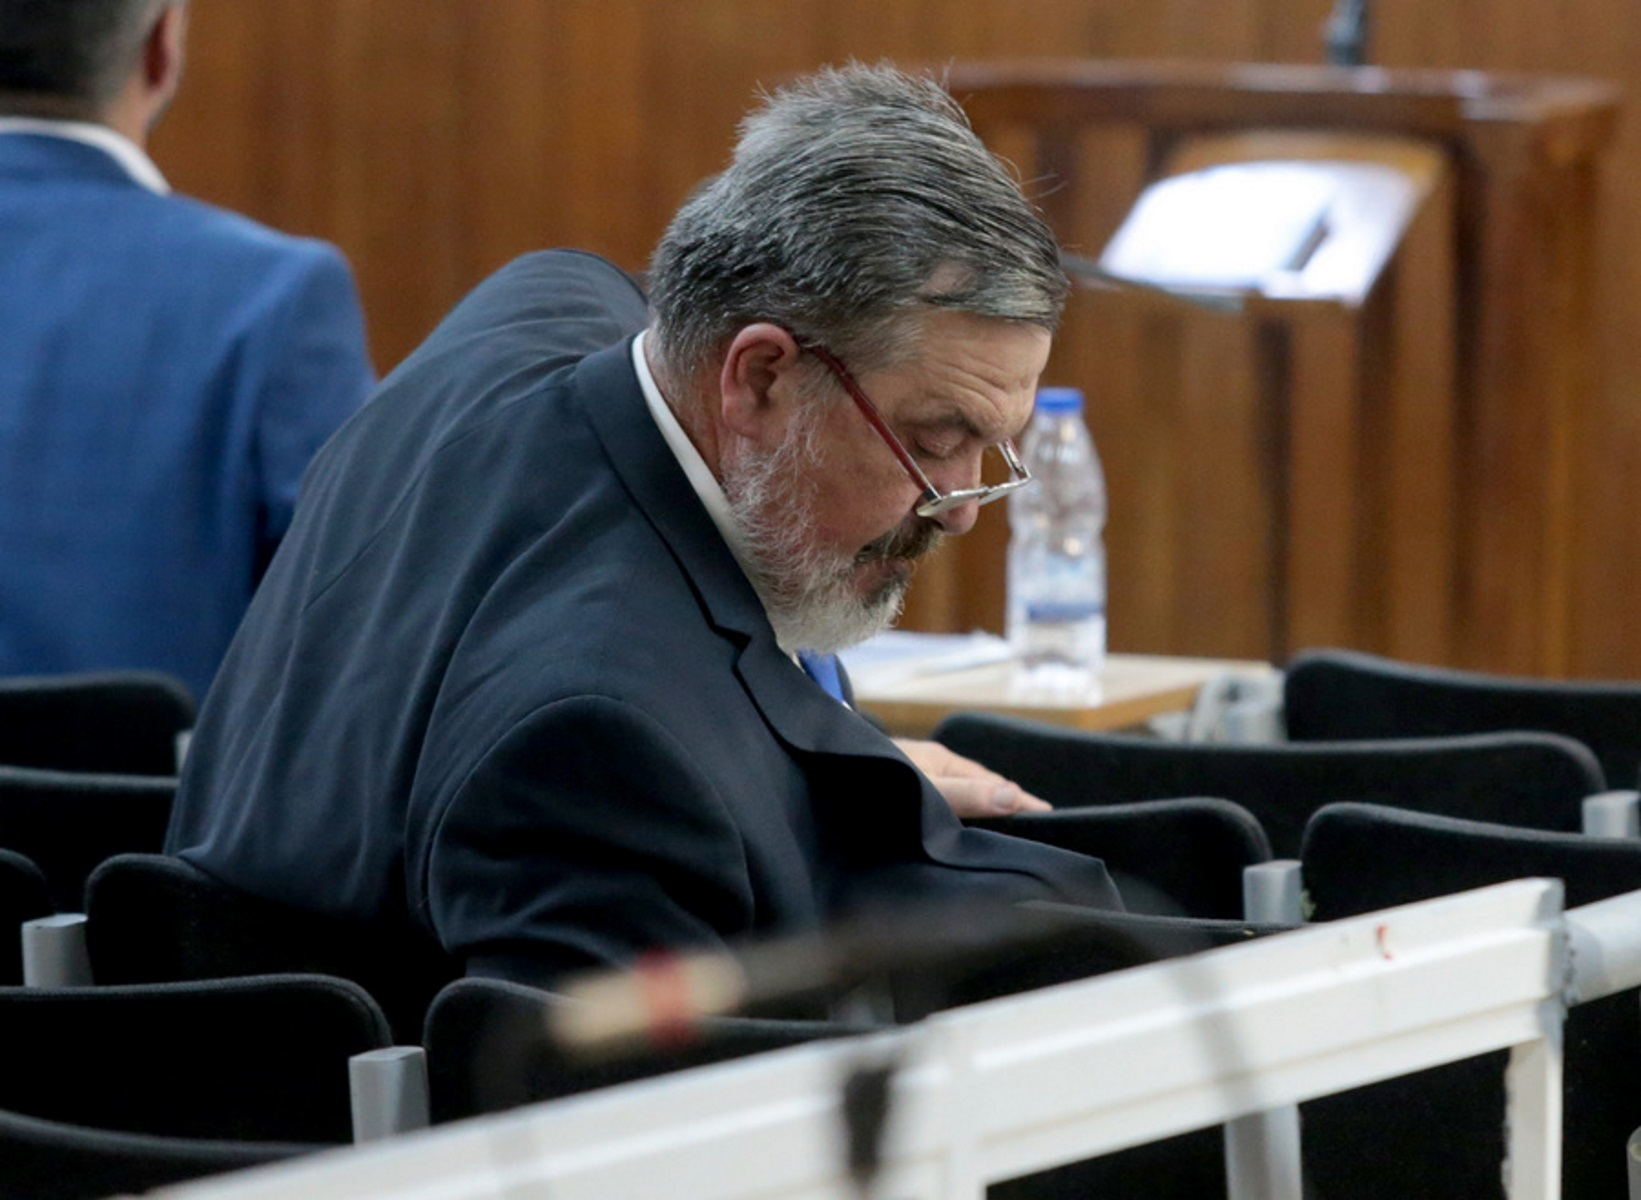 Δικηγόρος Χρήστου Παππά: Με κινήσεις «εγκλωβισμού» έγινε η σύλληψη